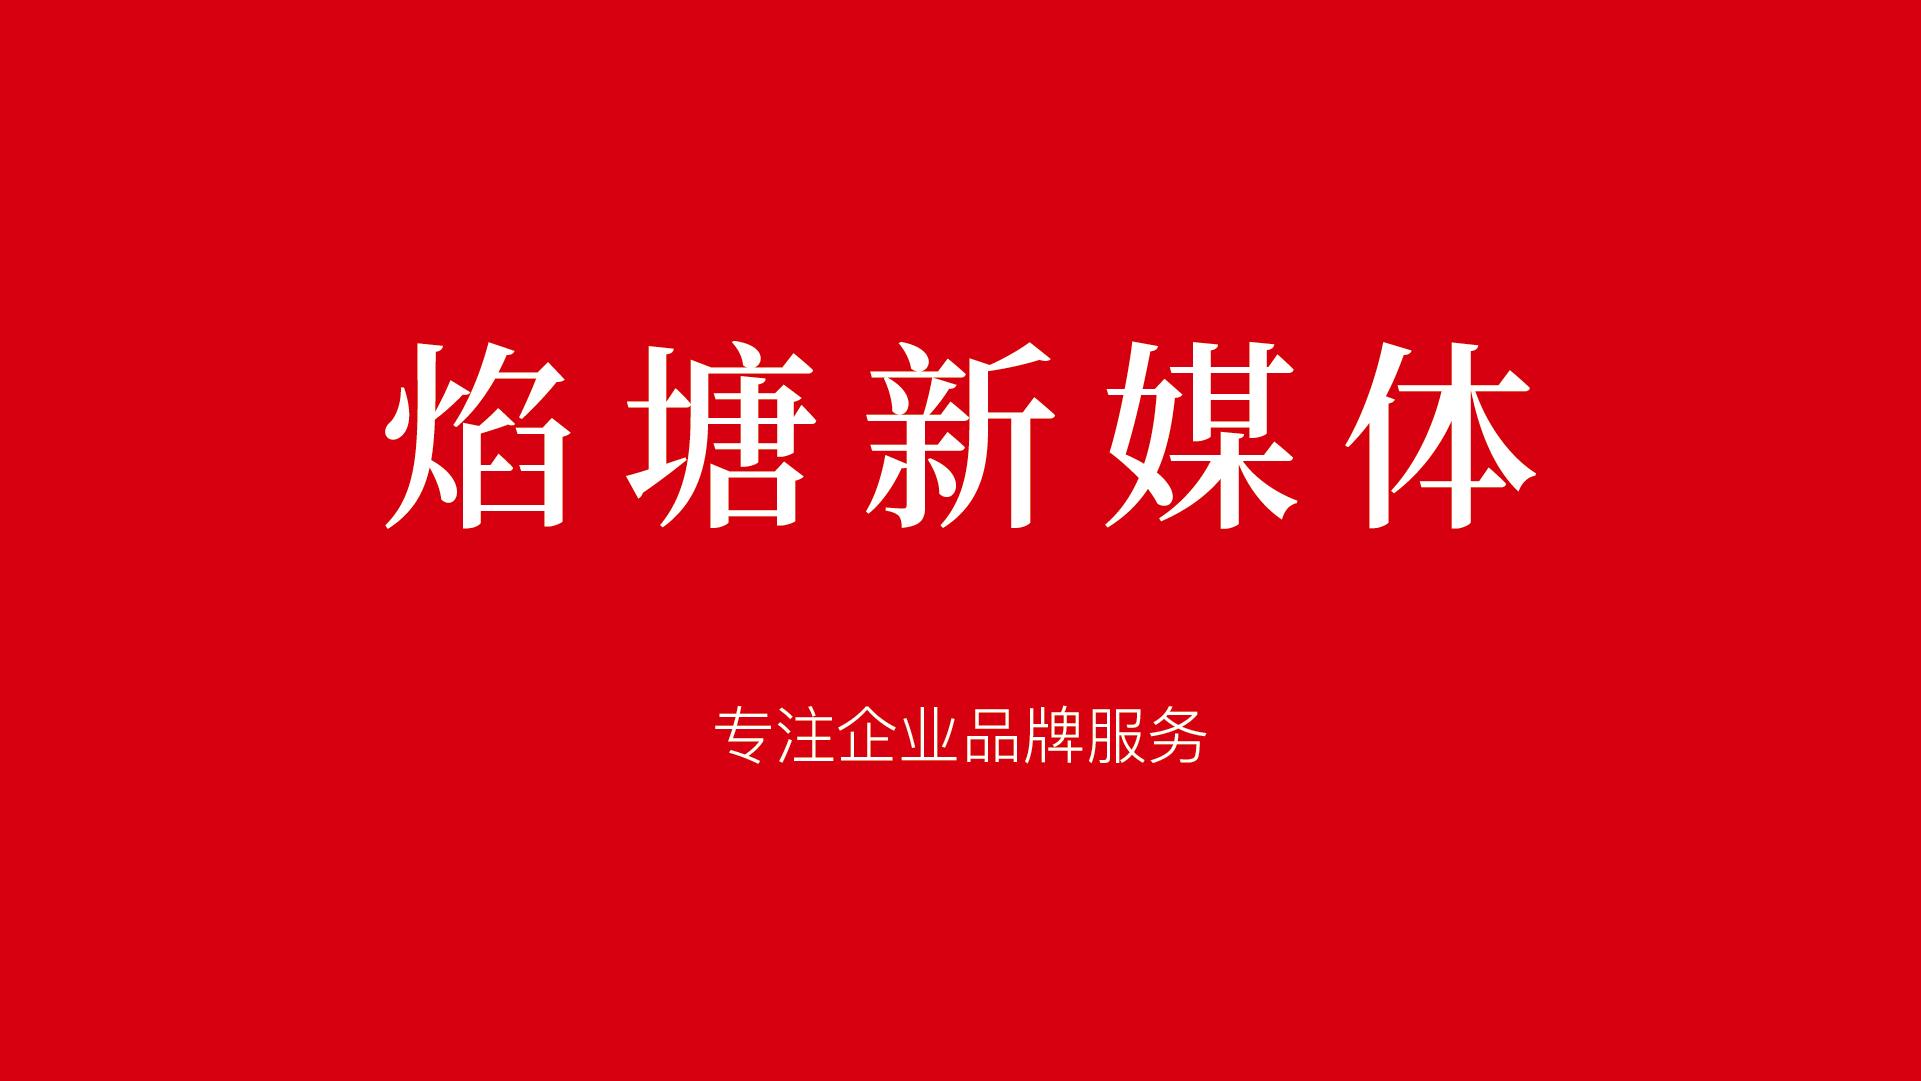 """千脉系""""焰塘""""商标注册成功,专注文化产业项目打造!"""